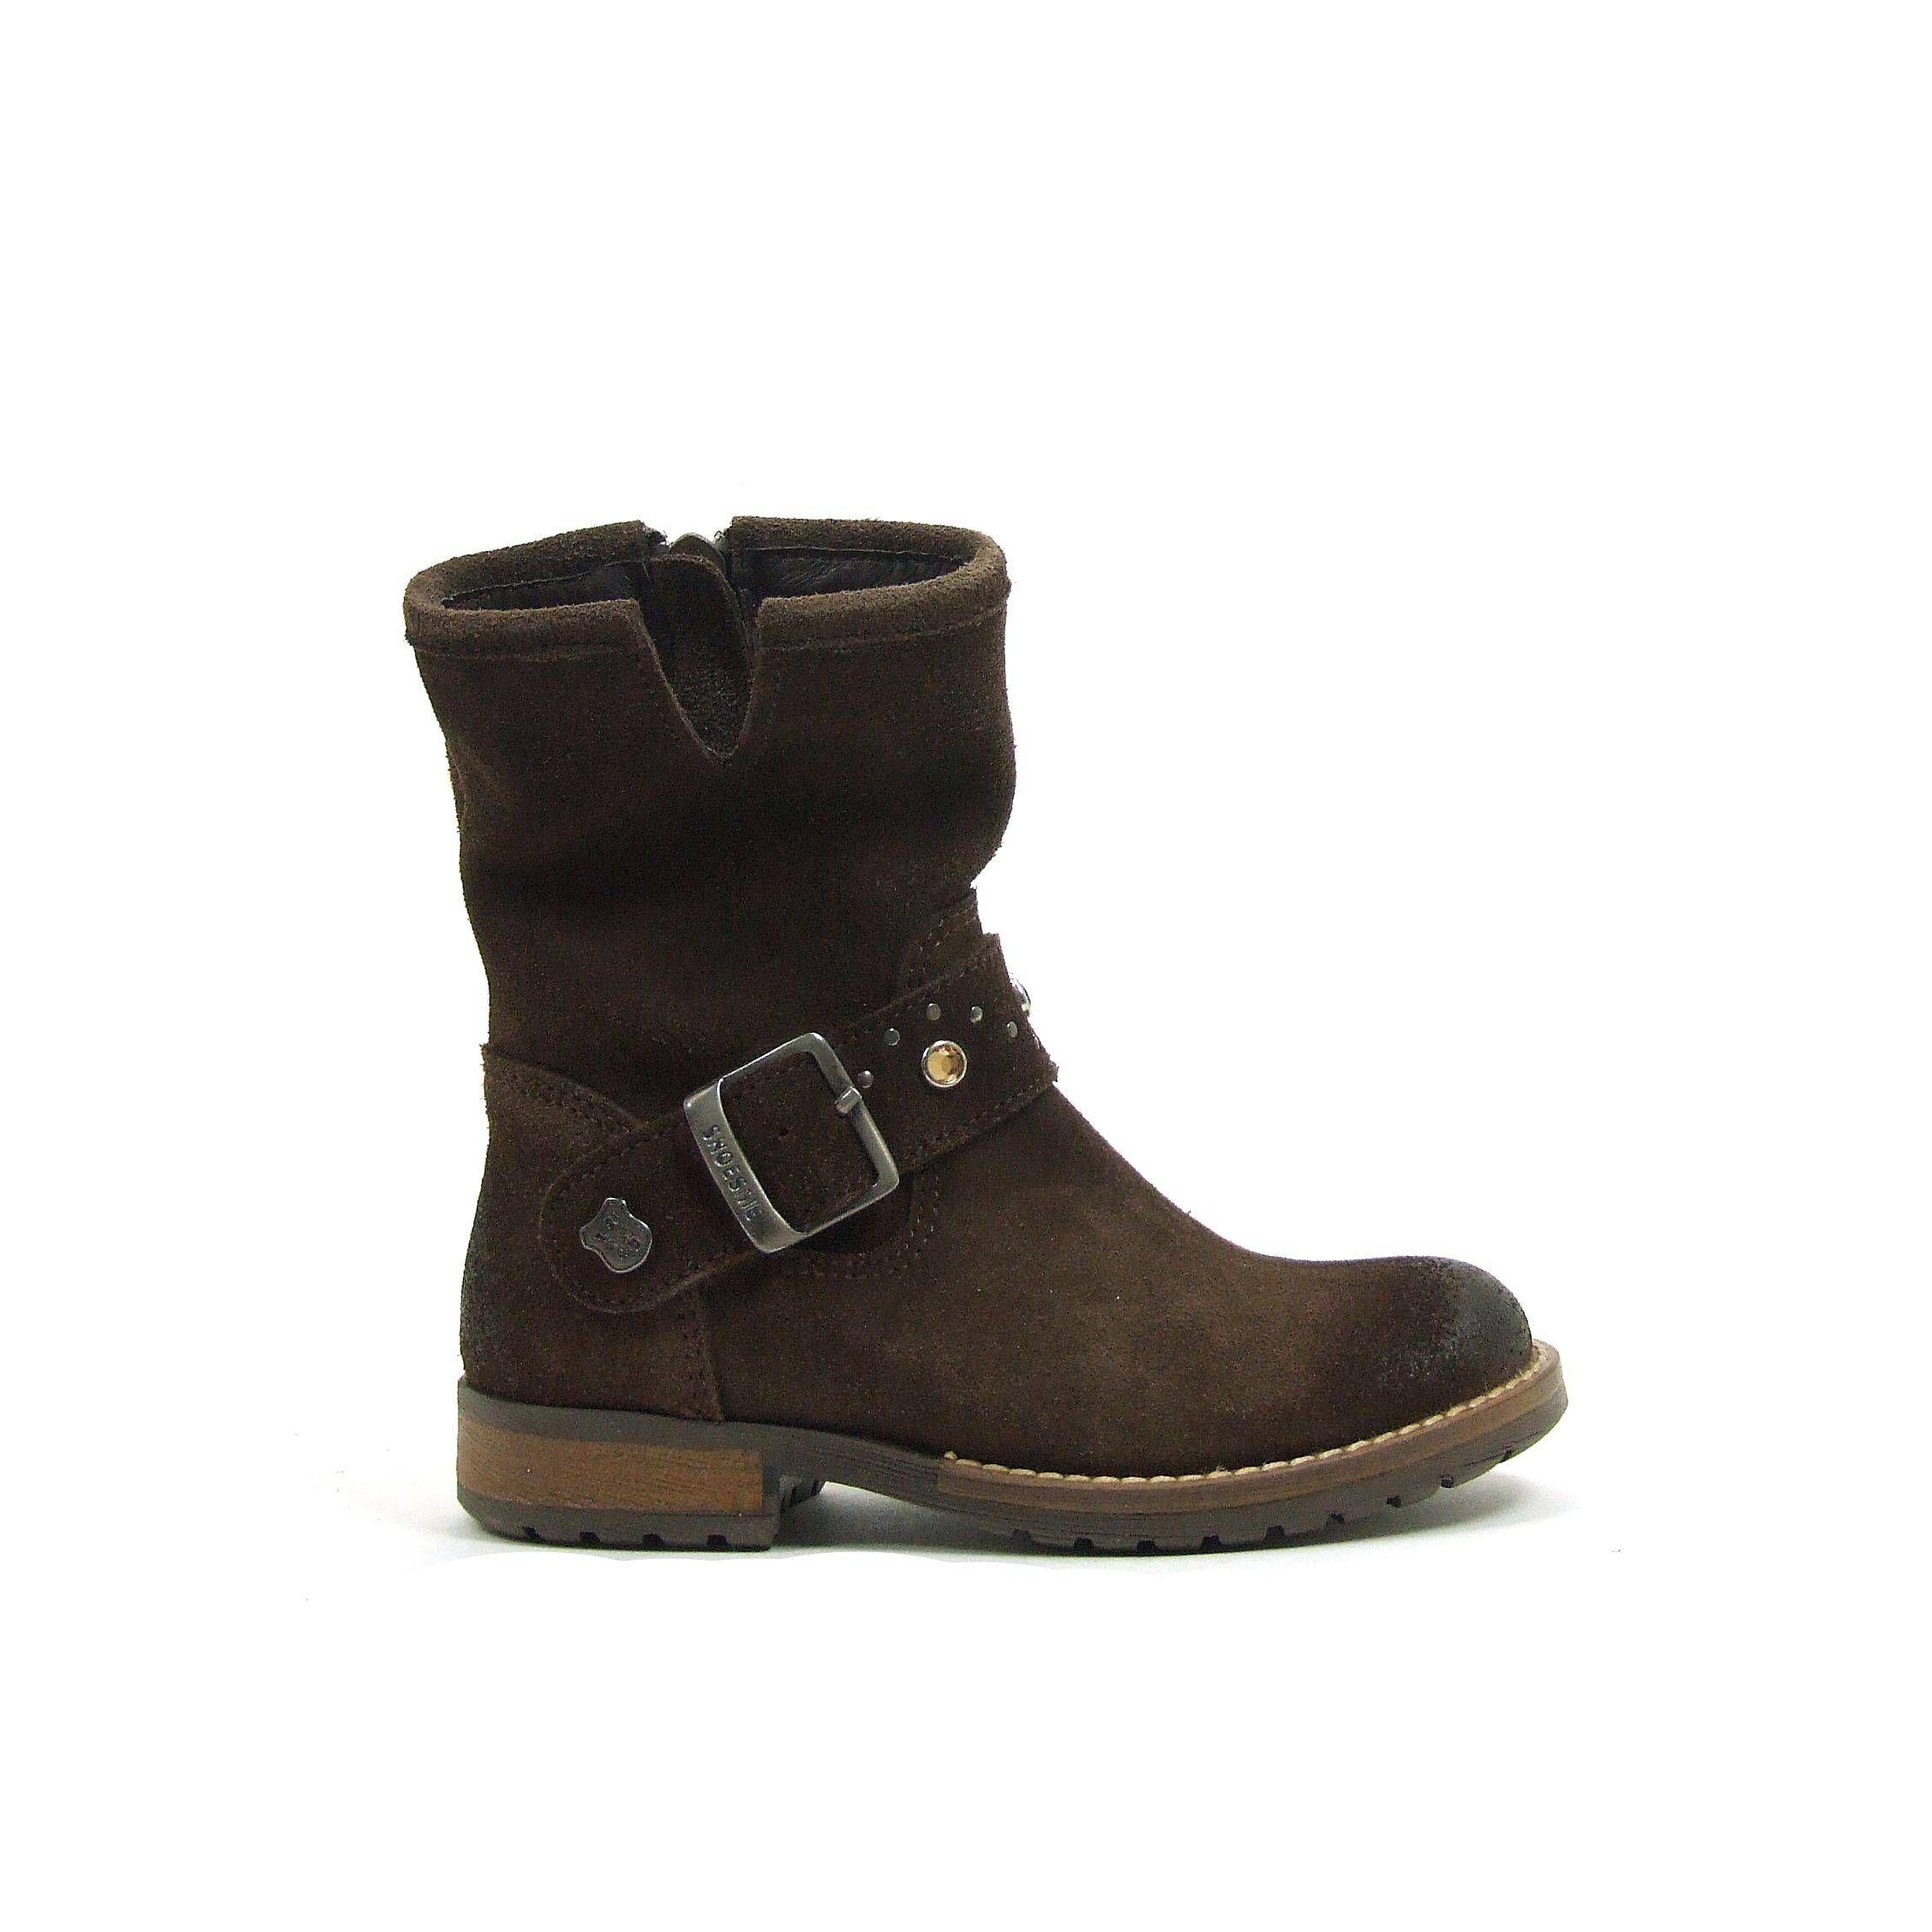 3963b85ab61f8b Korte easy to go laarsjes van Shoesme! Deze meiden laarzen zijn uitgevoerd  in een midden